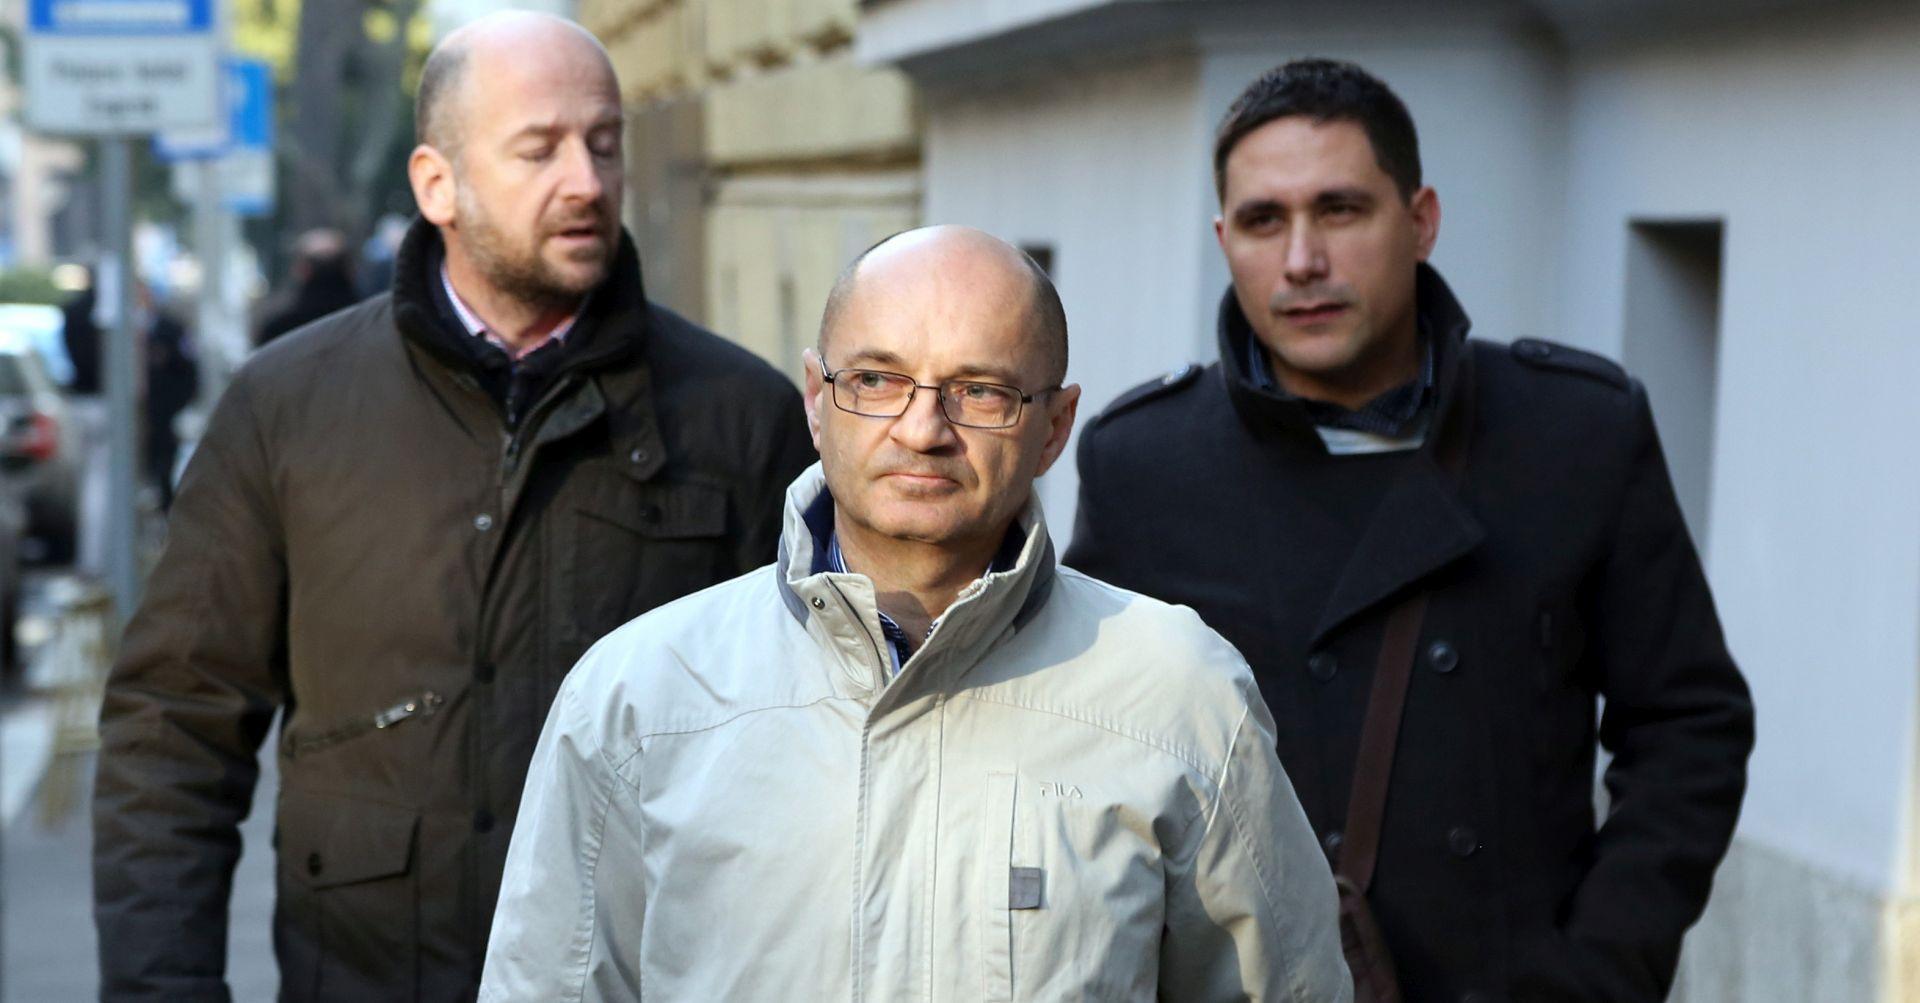 Predstavnici Udruge Franak zadovoljni razgovorom s ministrima financija i pravosuđa